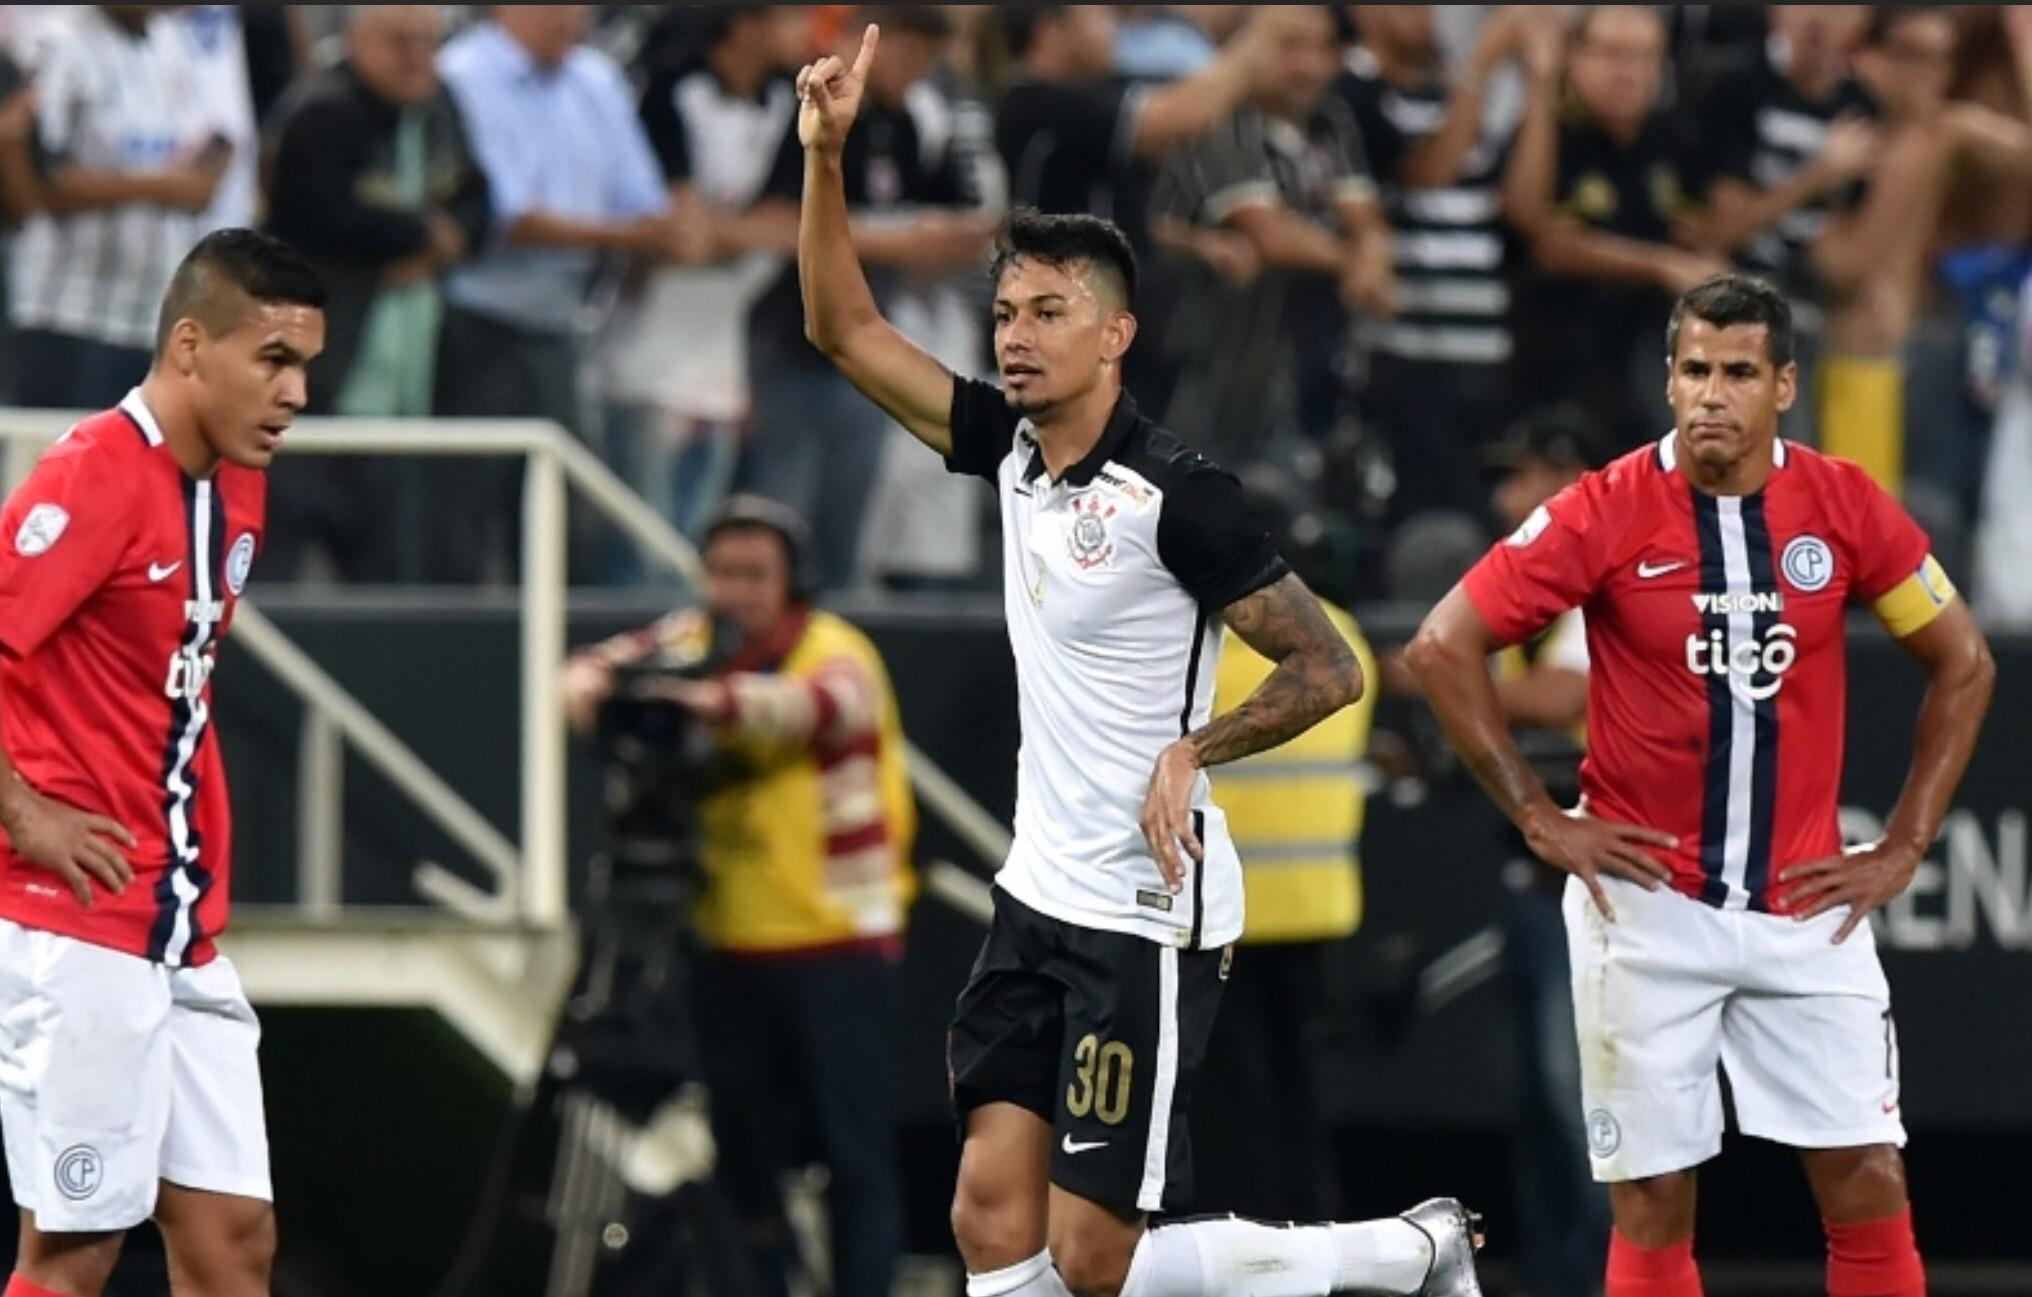 O Corinthians cumpriu com sua obrigação ao fazer a lição de casa diante de  adversário frágil 79e3d154df20a